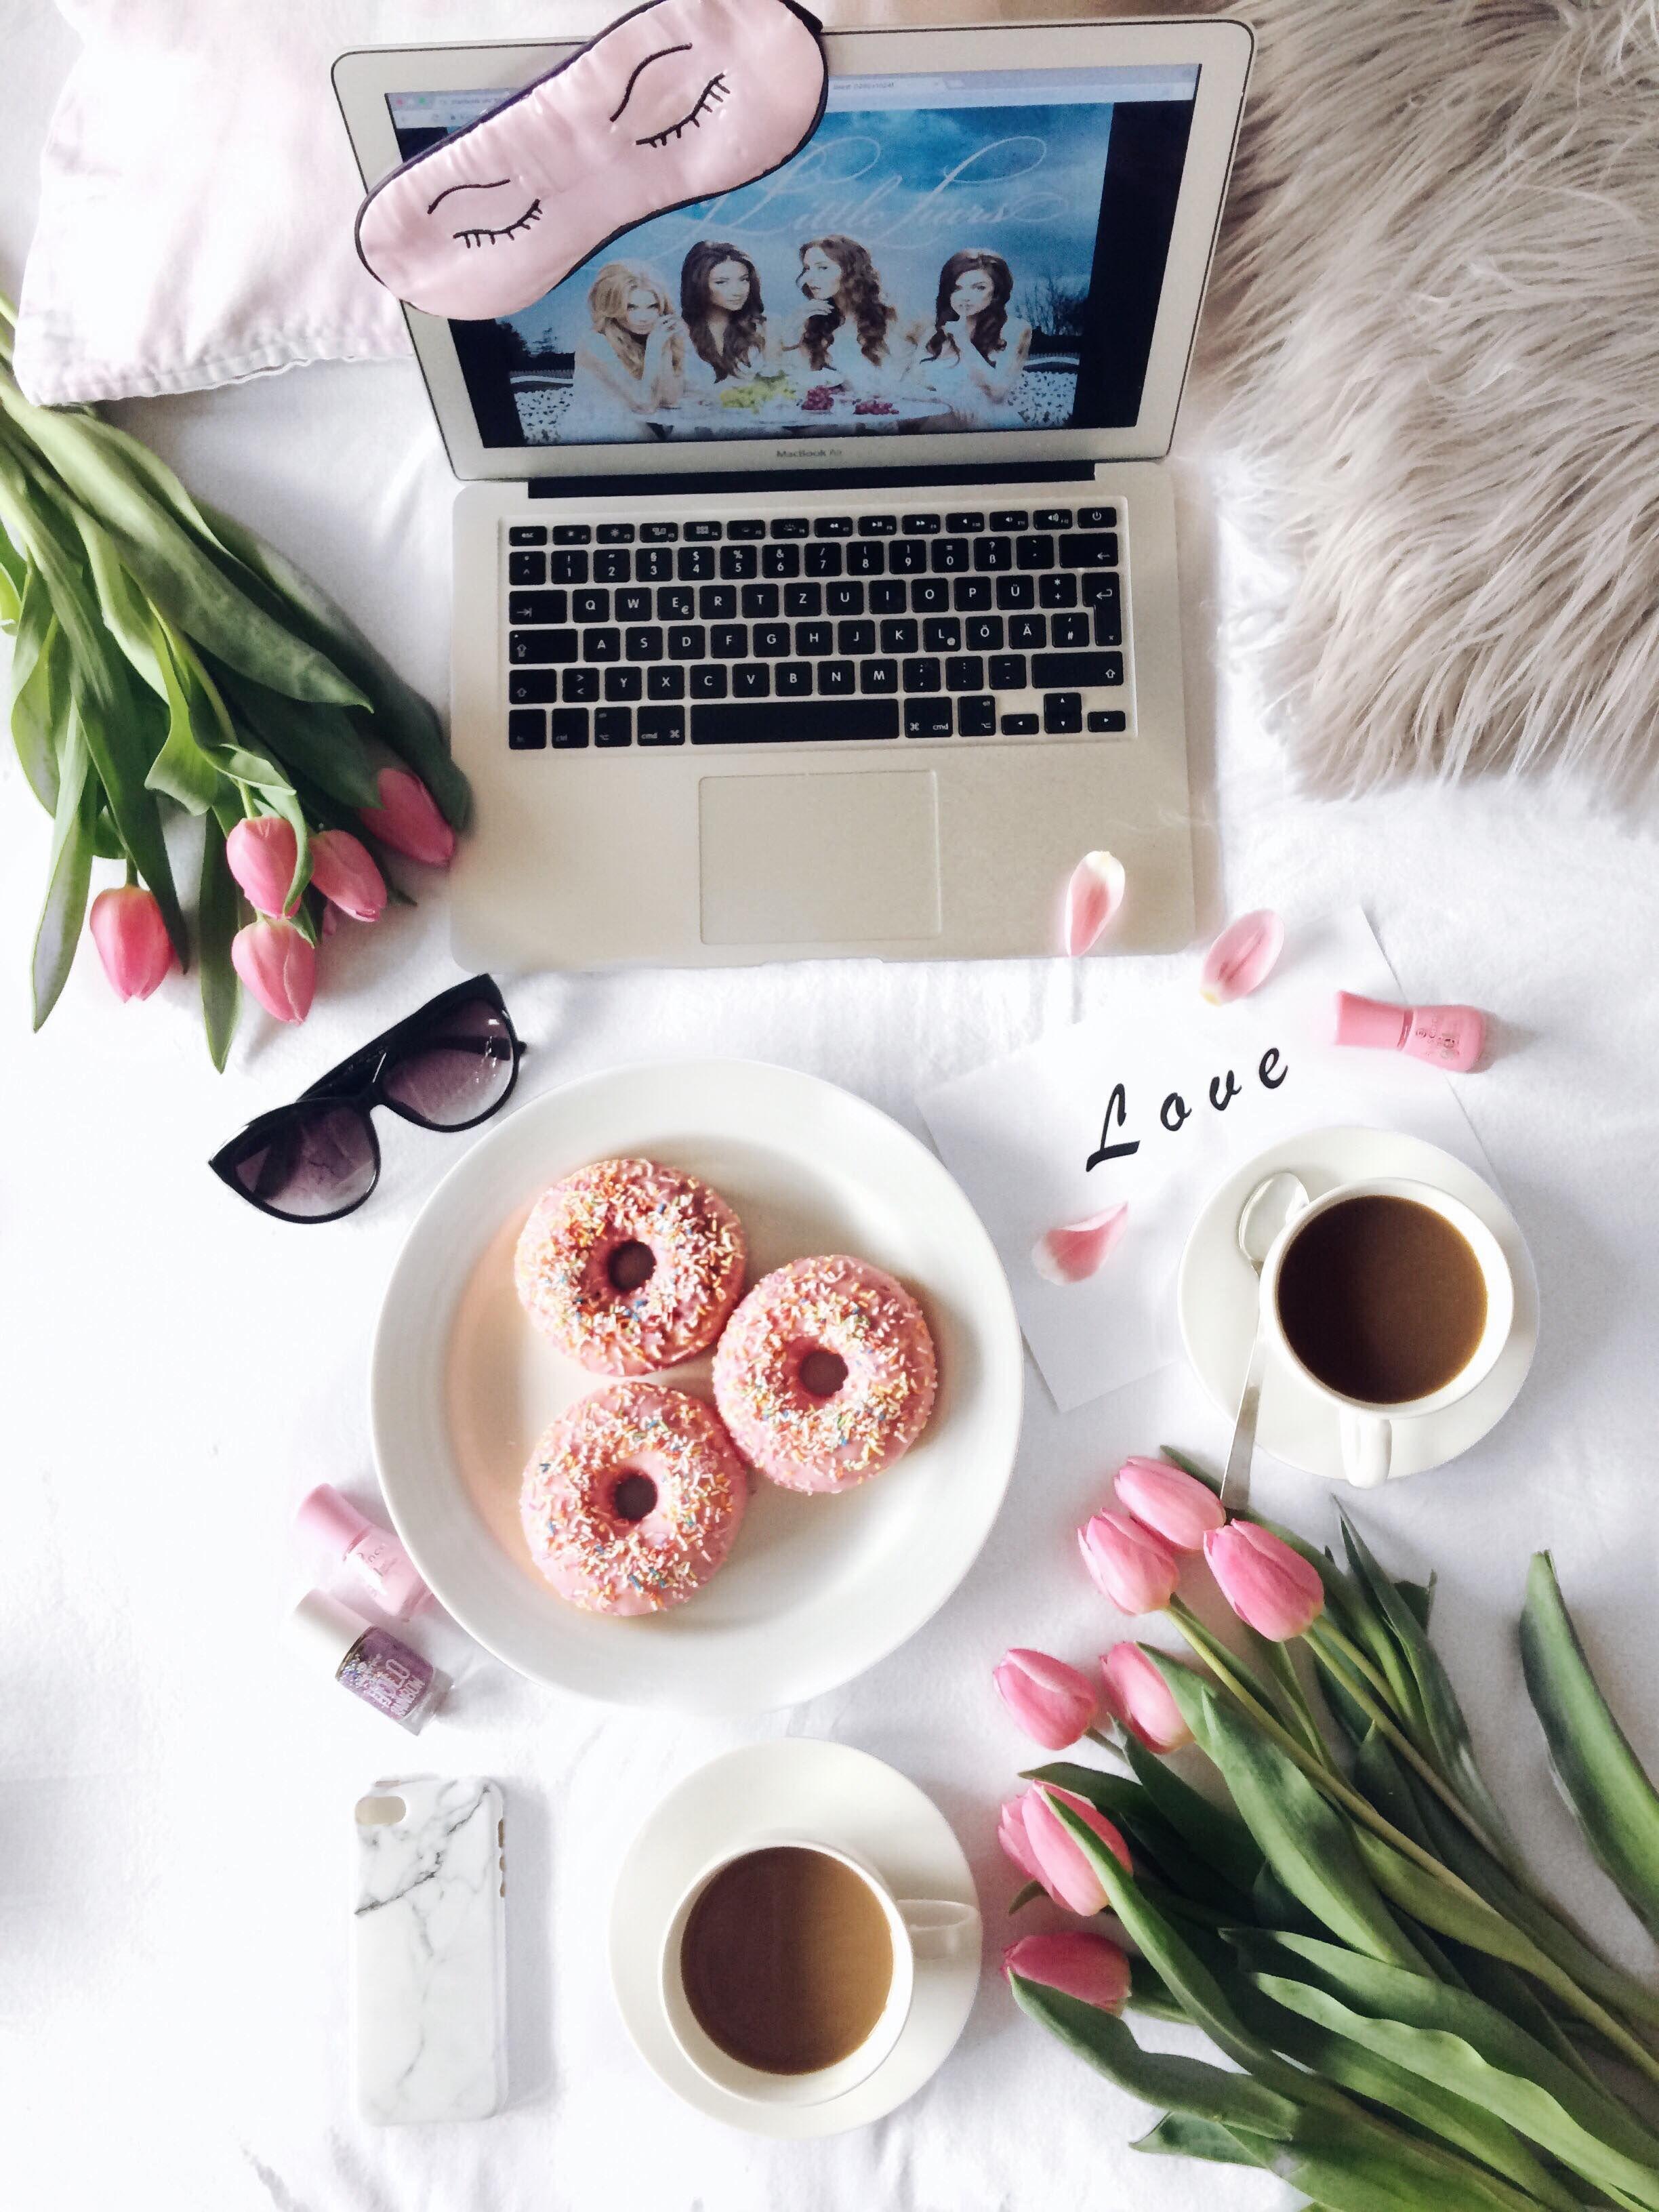 Süßes Flatlay mit Mac Book, pinken Donots, pinken Tulpen, Kaffee ...